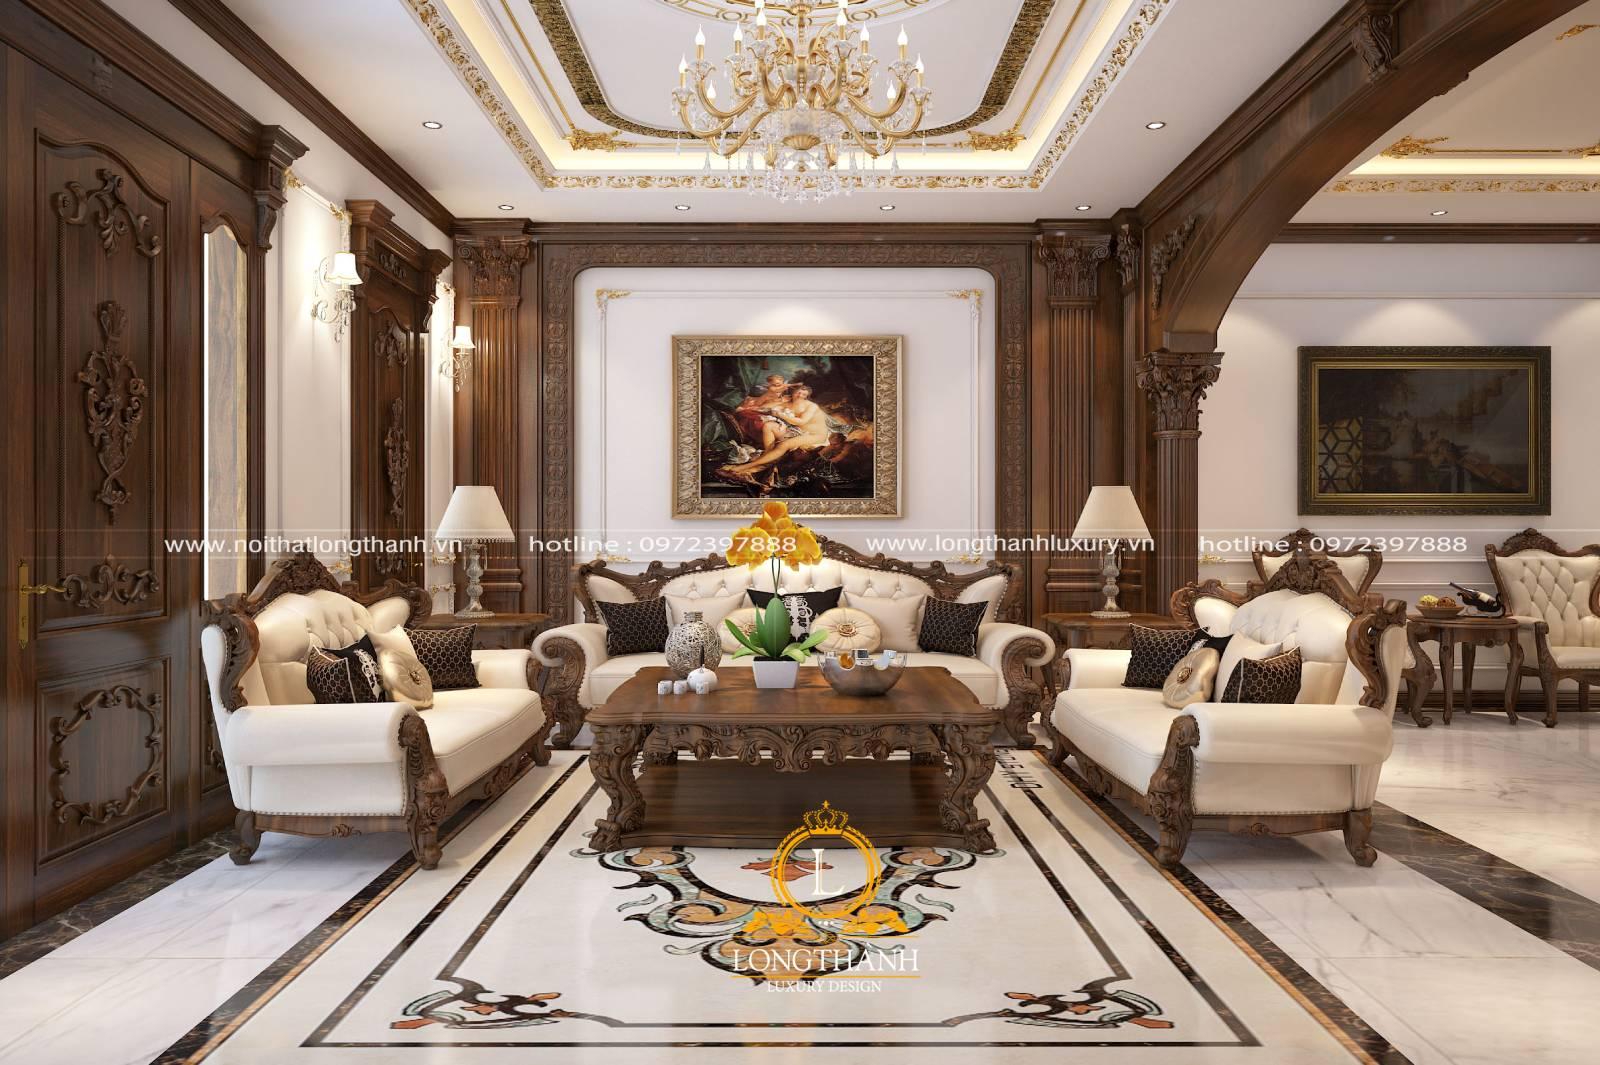 Bộ sofa tân cổ điển sang trọng cho phòng khách rộng